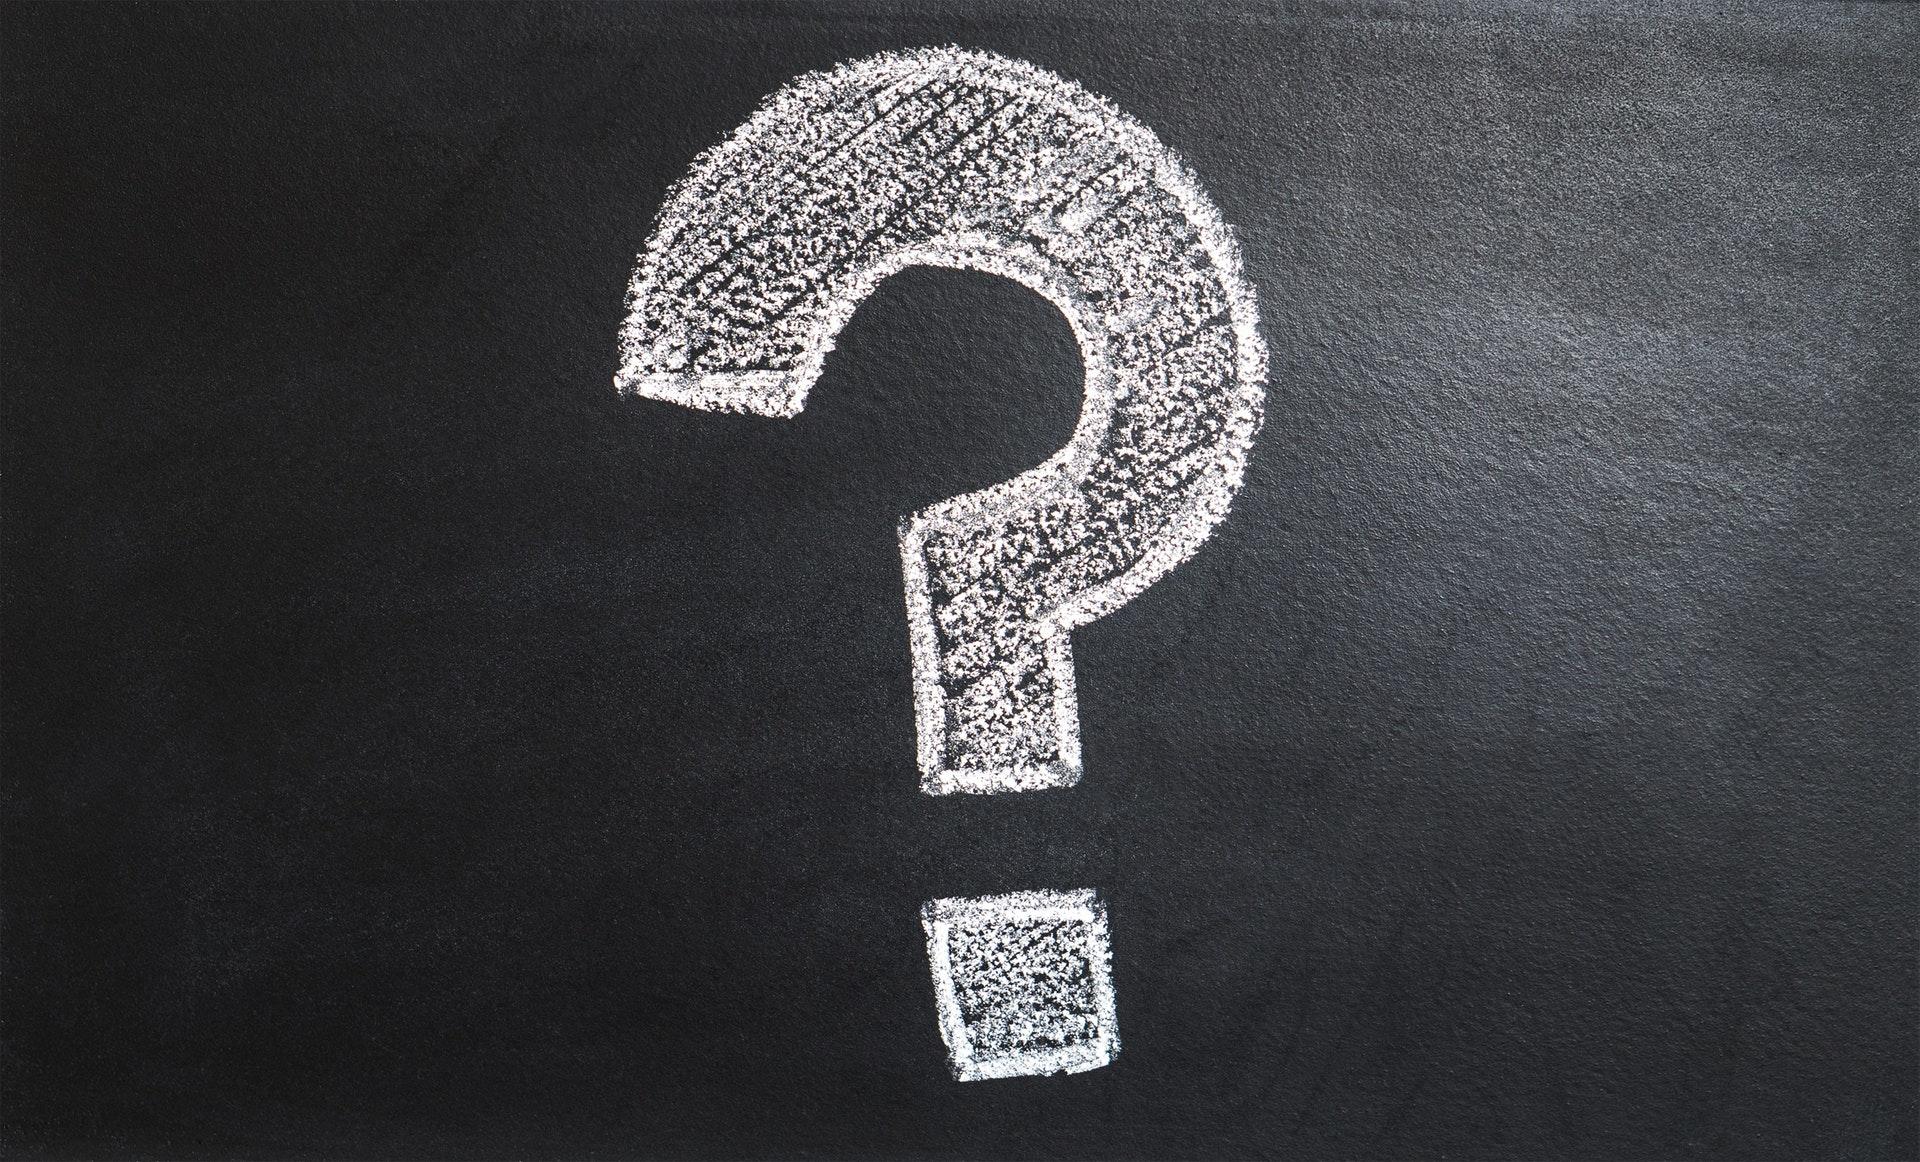 strangest dealer questions image .jpg (677 KB)